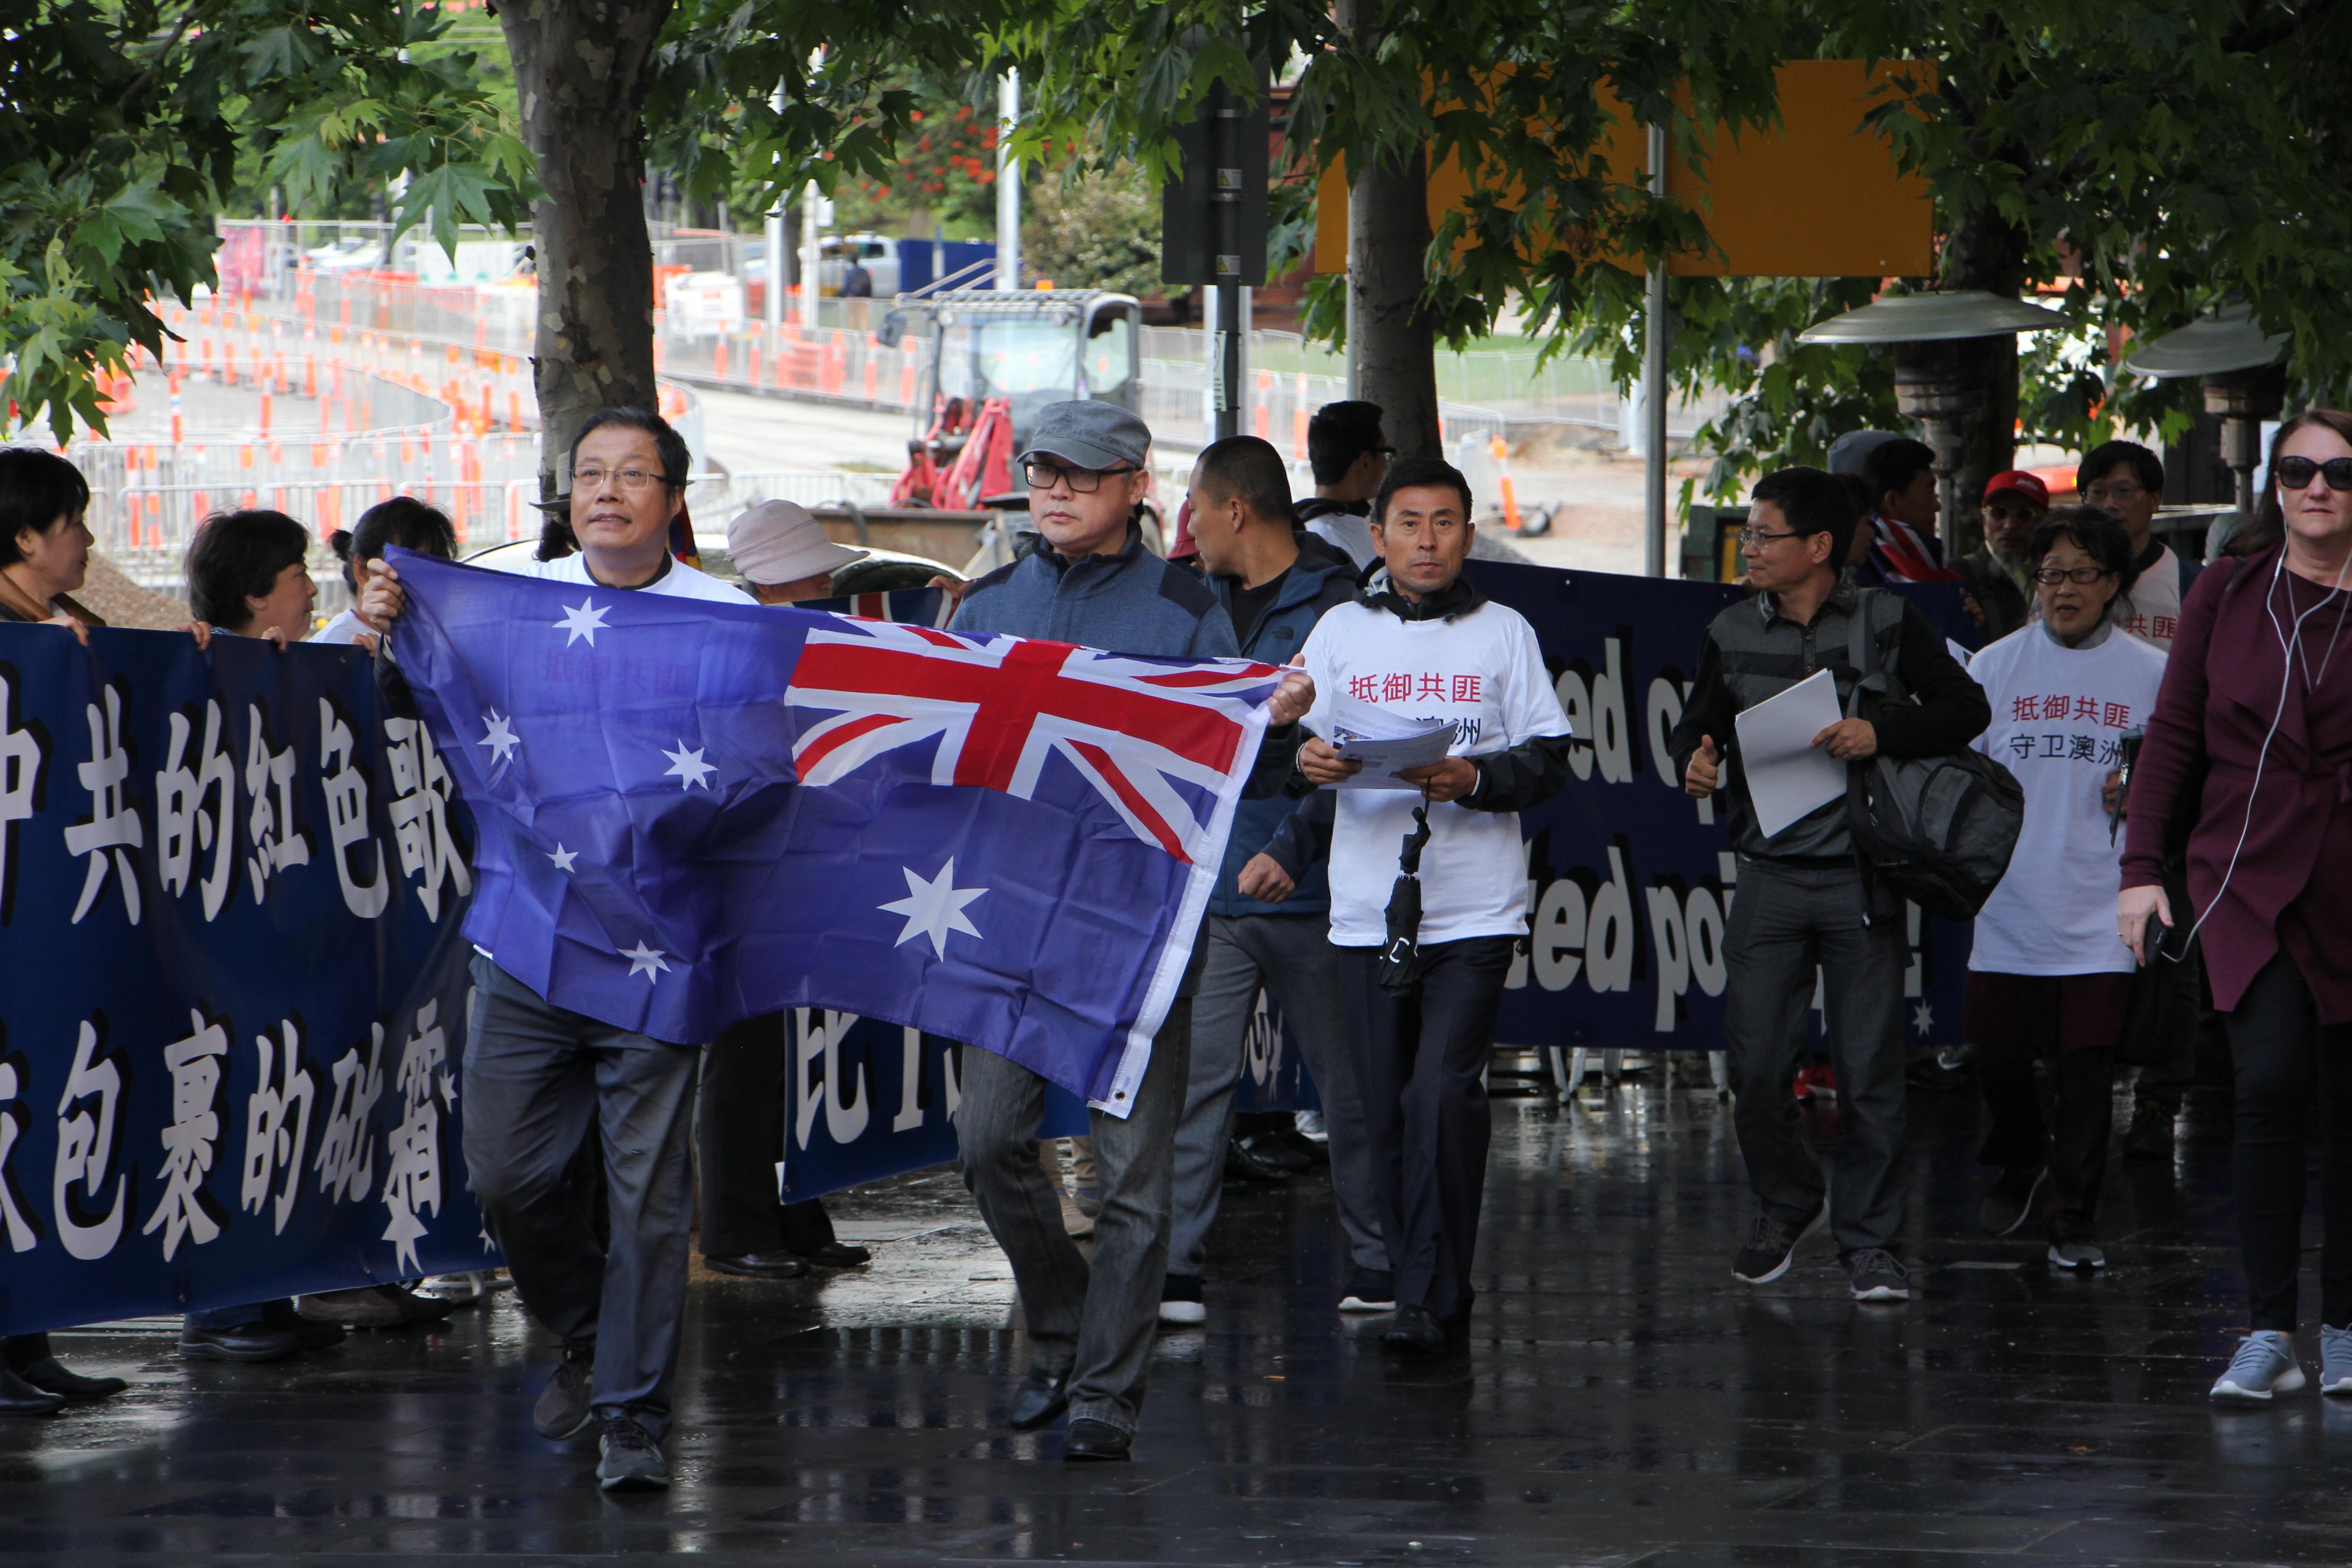 悉尼墨爾本民眾強烈抵制中共紅歌劇上演